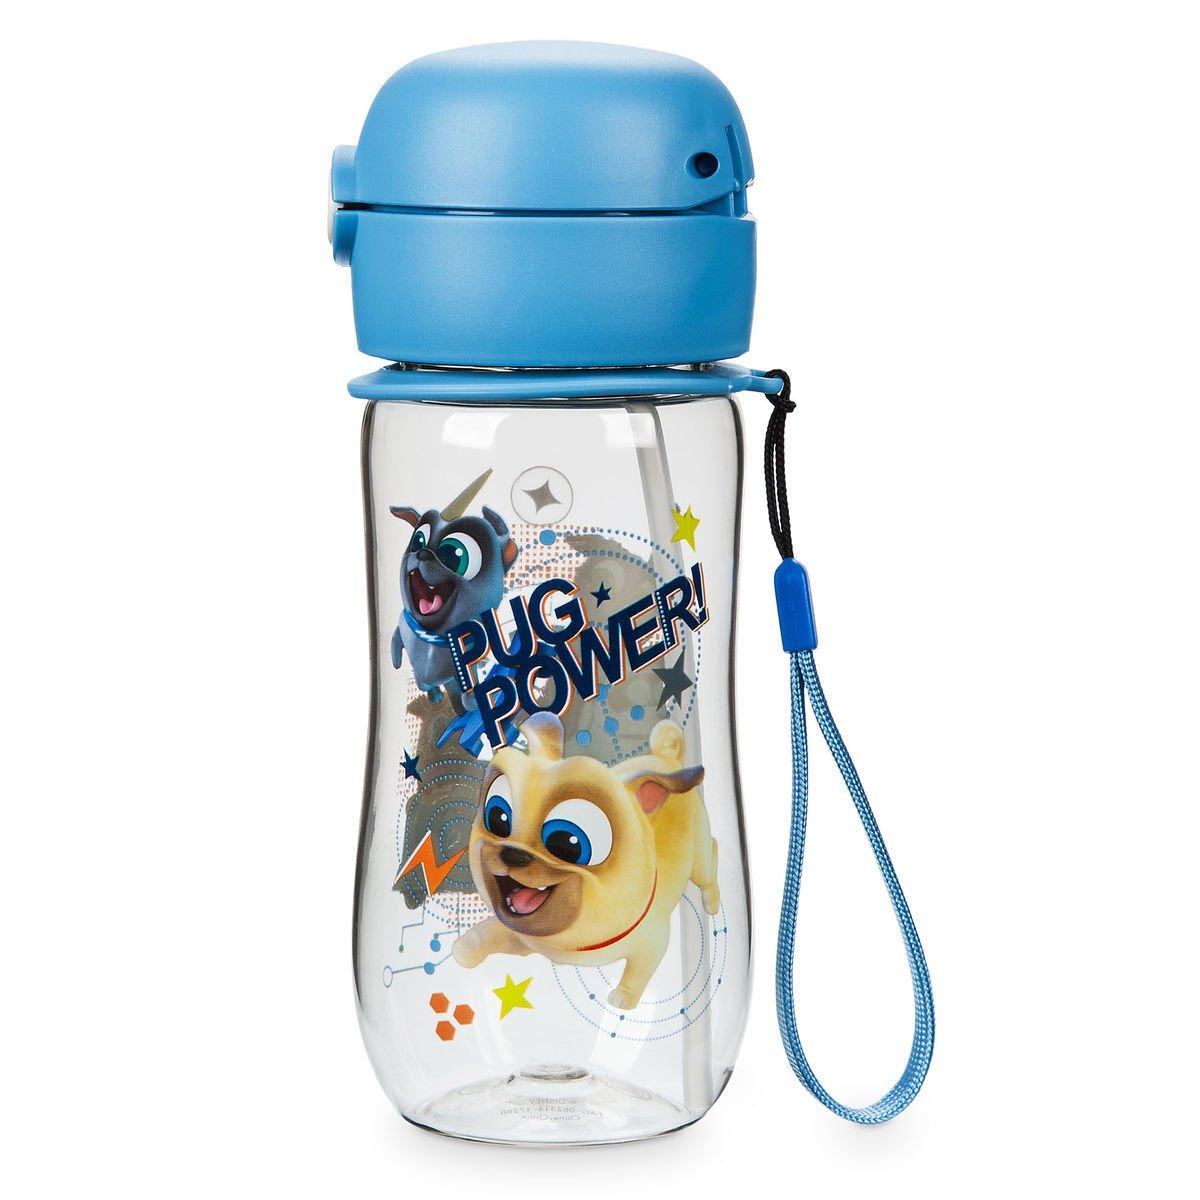 Disney Junior Puppy Dog Pals Canteen Water Bottle 12 oz. by Disney